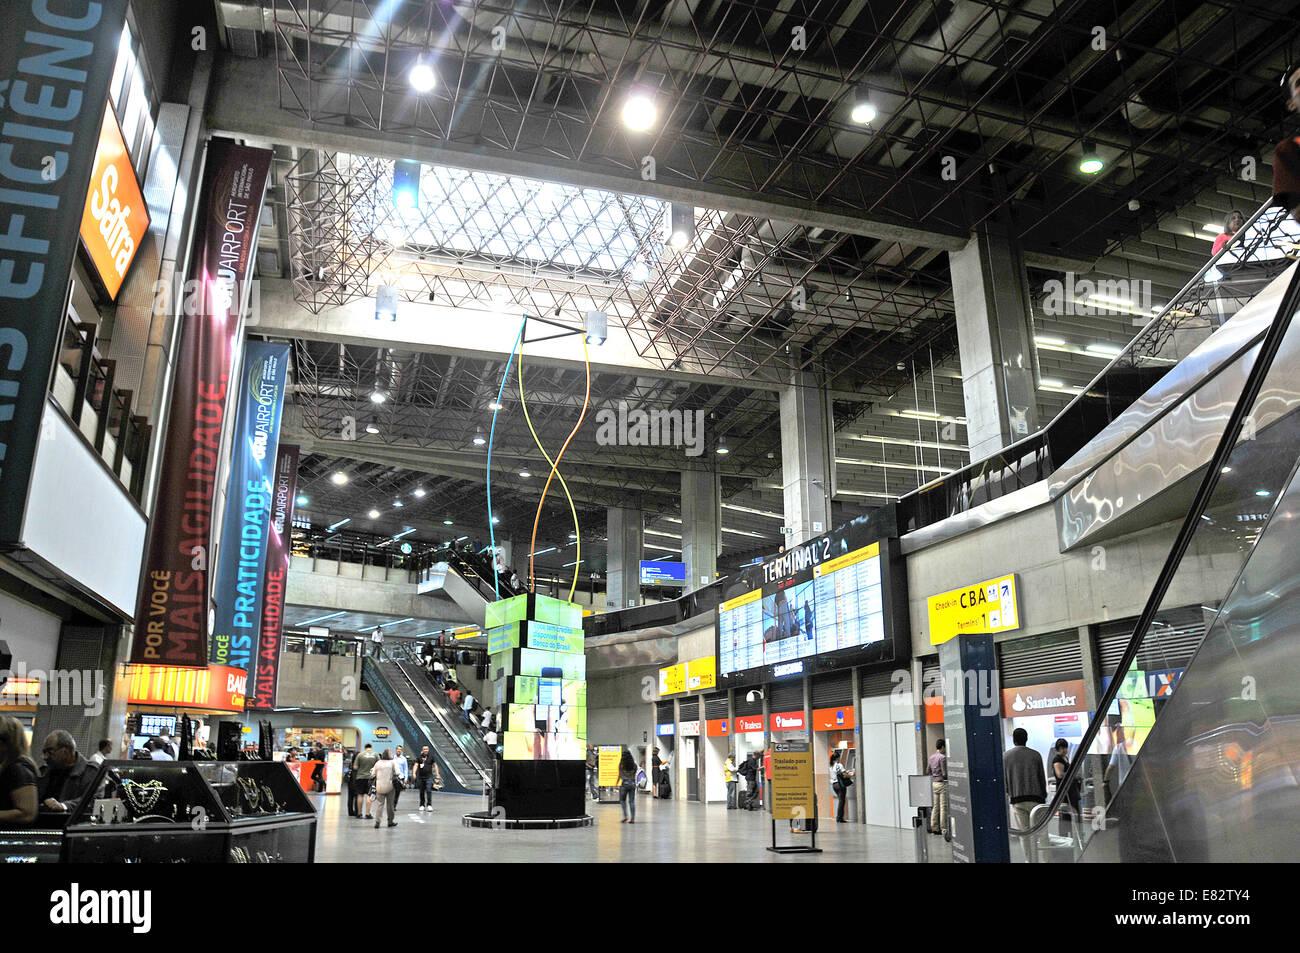 Dall'Aeroporto Internazionale Guarulhos di Sao Paulo in Brasile Immagini Stock